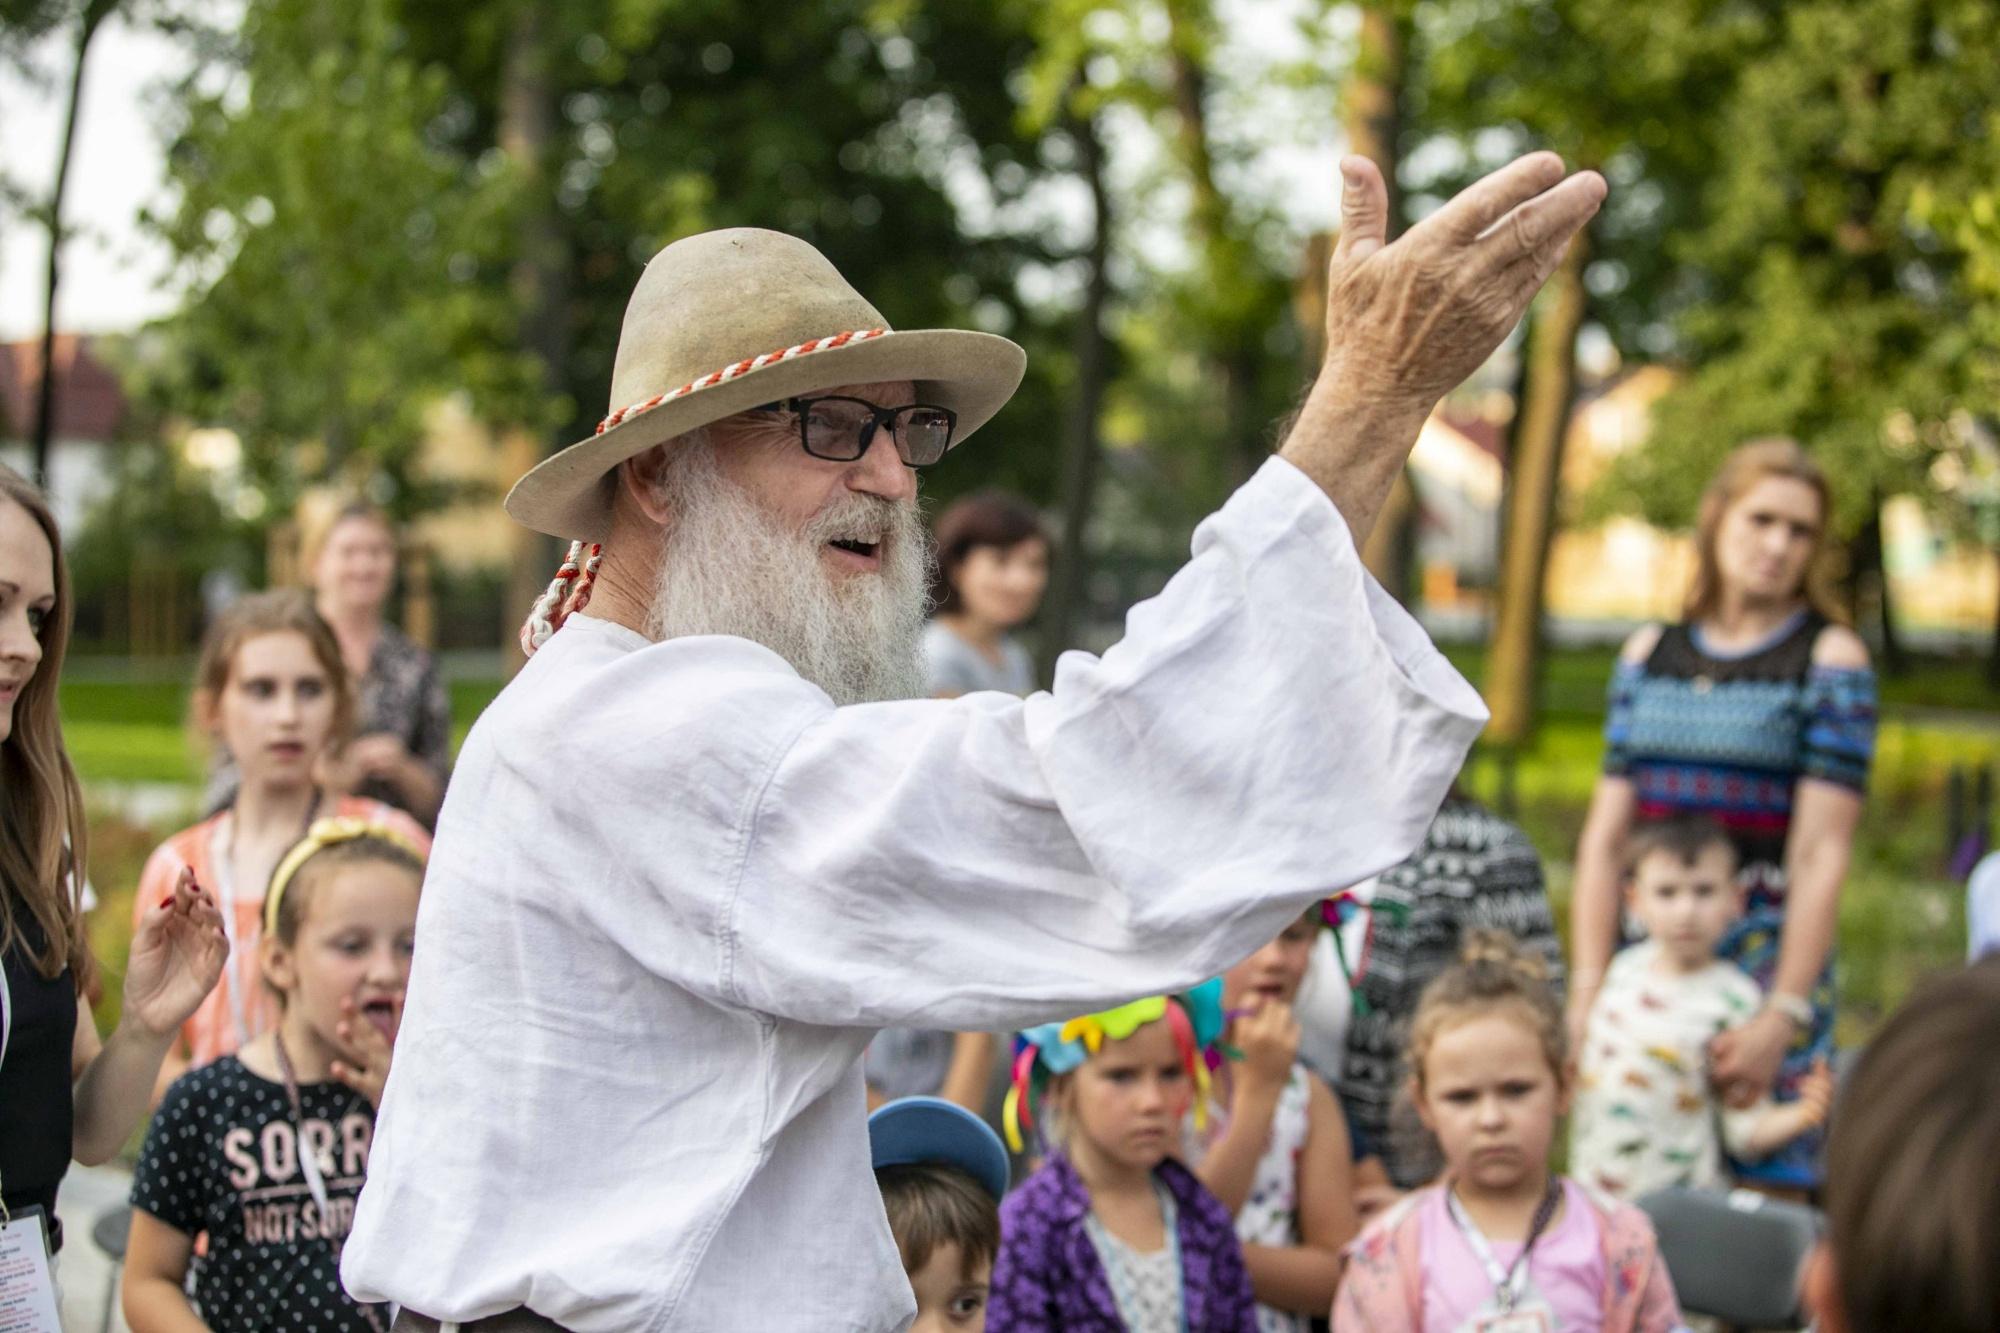 Starszy mężczyzna w lnianym regionalnym stroju stoi wśród dzieci, ma podniesioną rękę